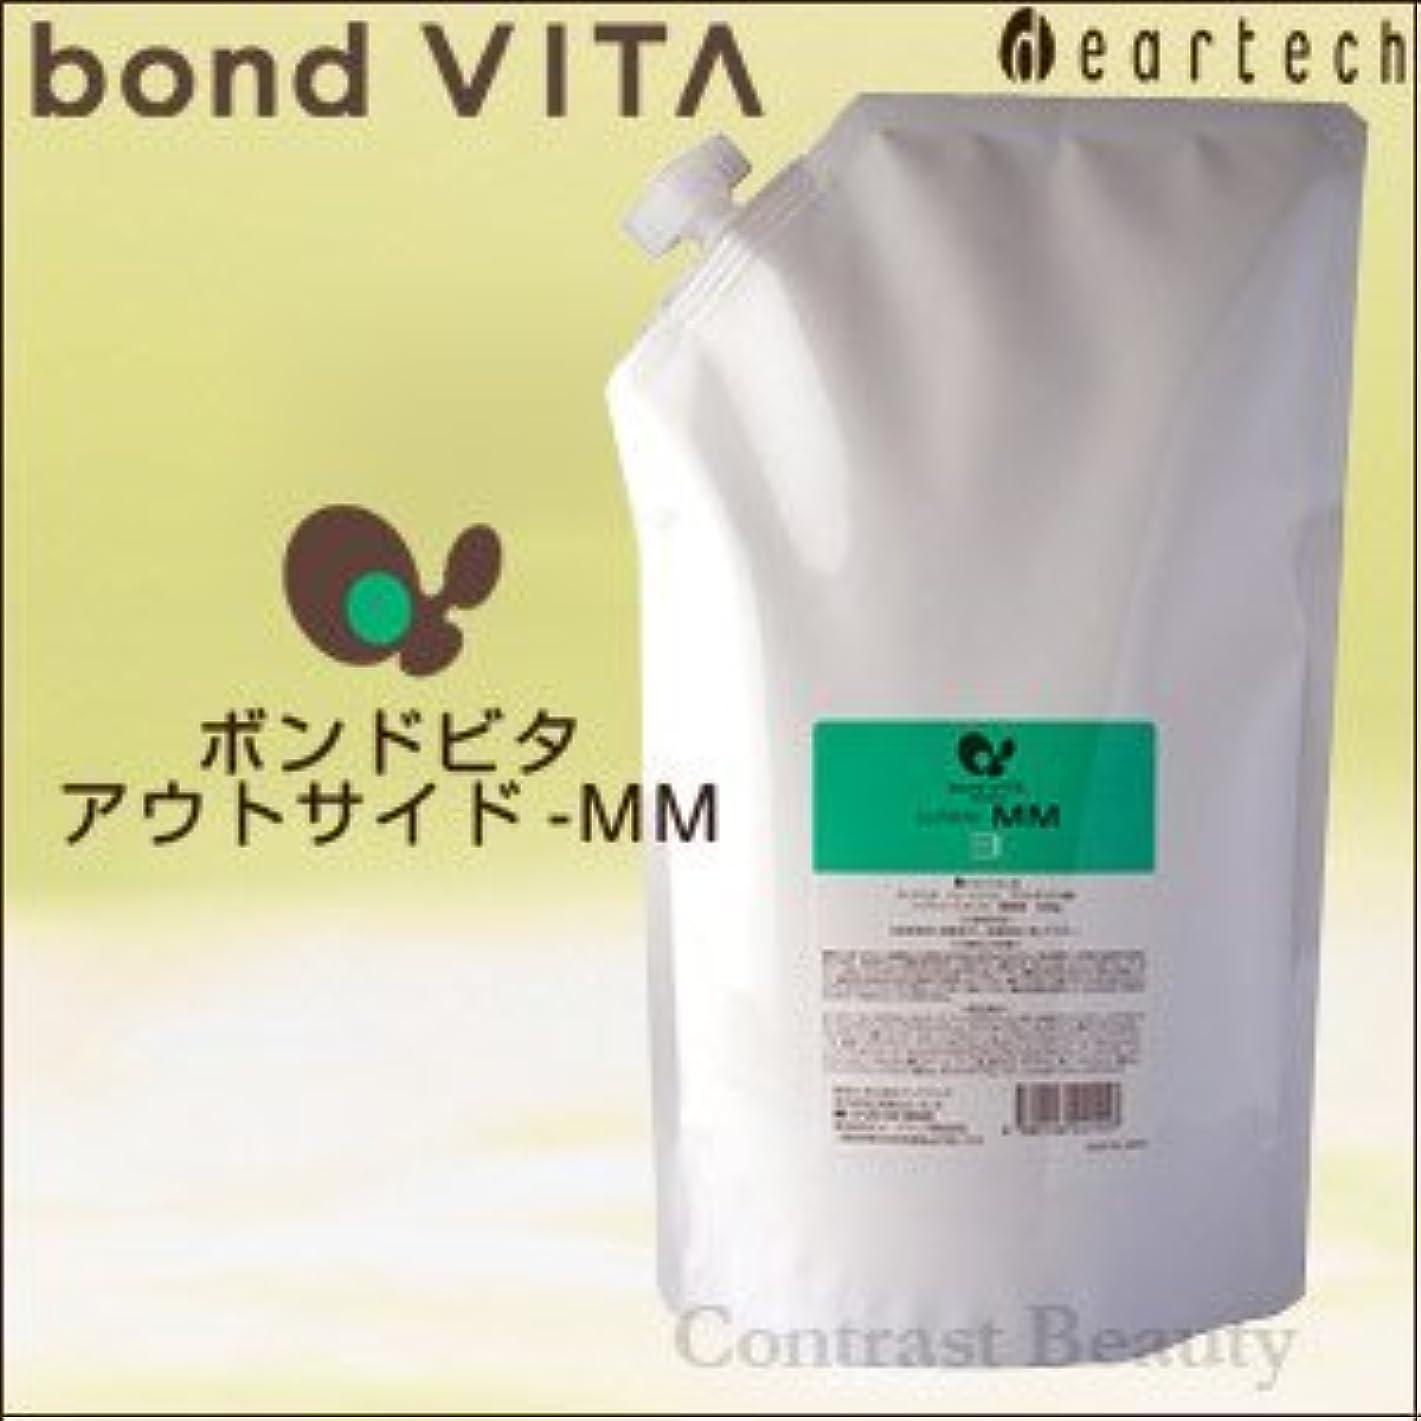 ソーダ水フラスコ急速なディアテック ボンドビタ アウトサイド-MM 1000ml